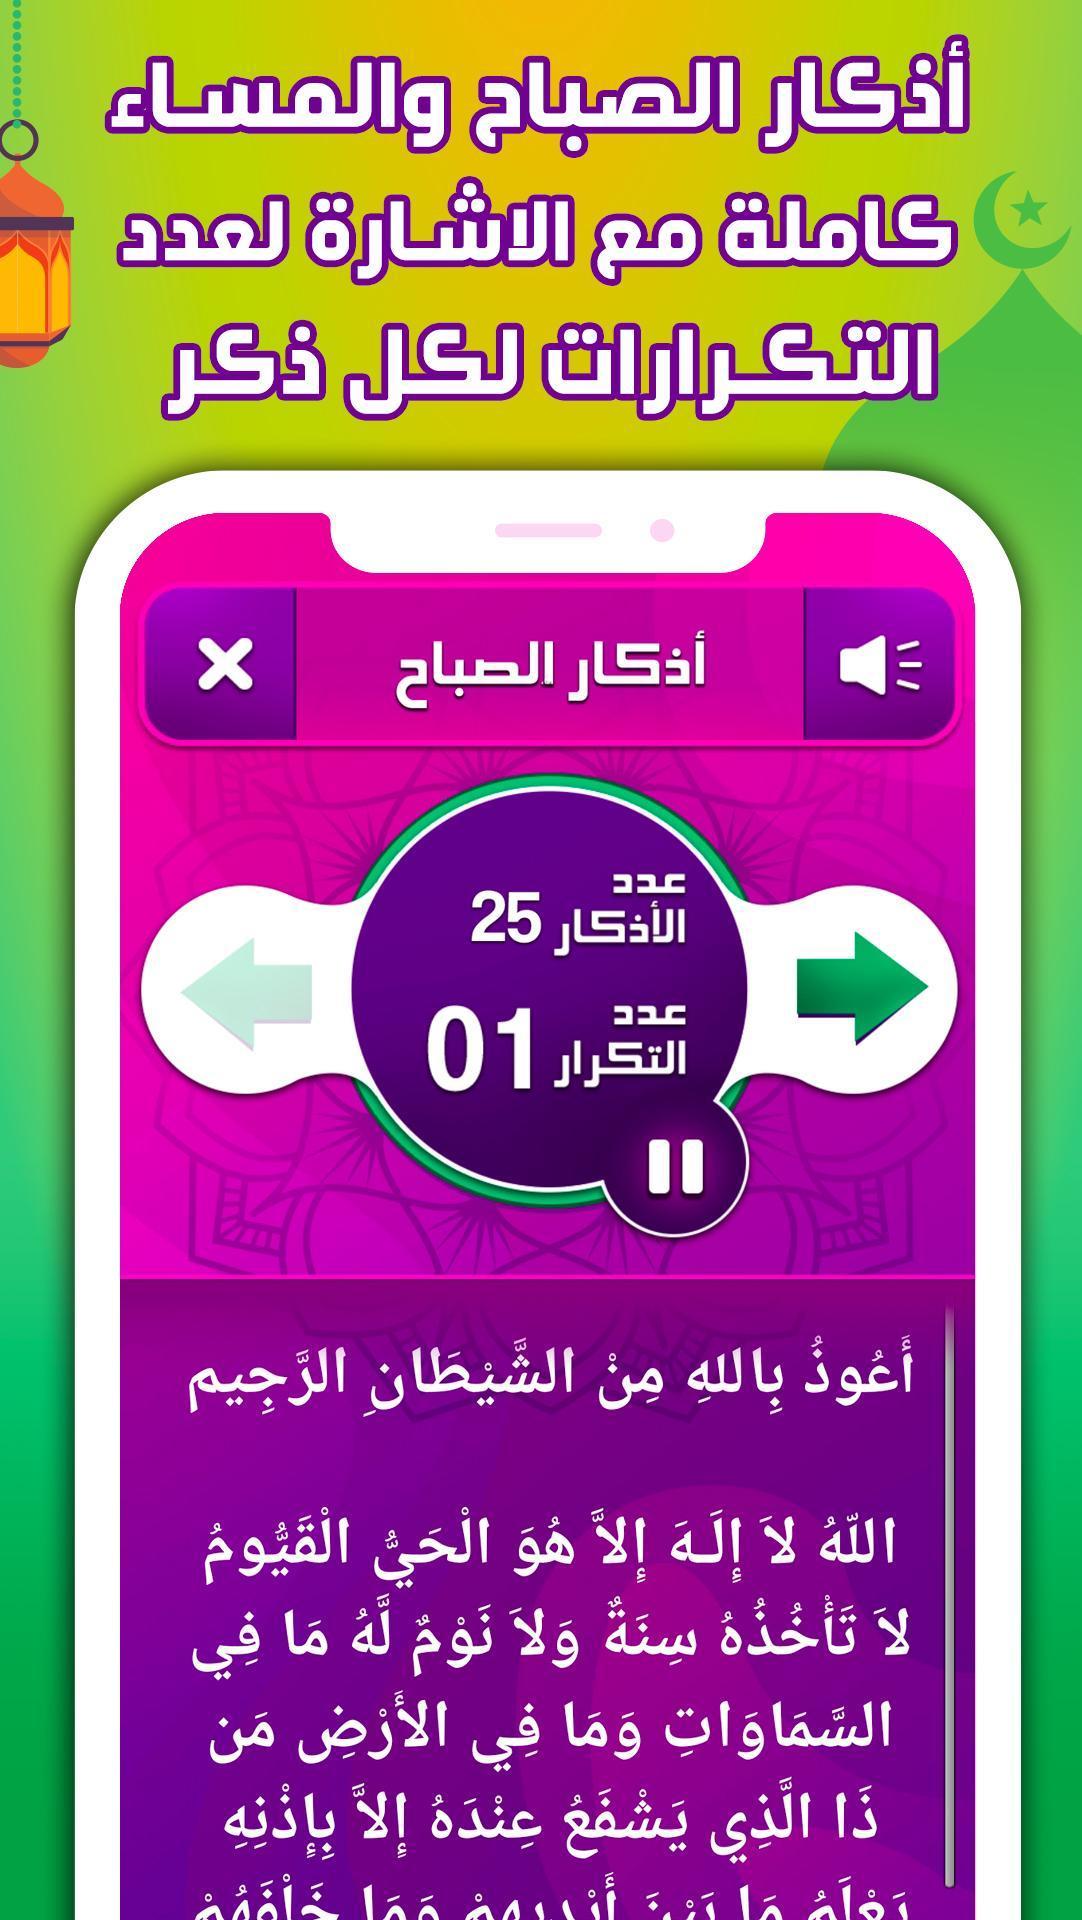 ادعية و اذكار المسلم بالصوت For Android Apk Download